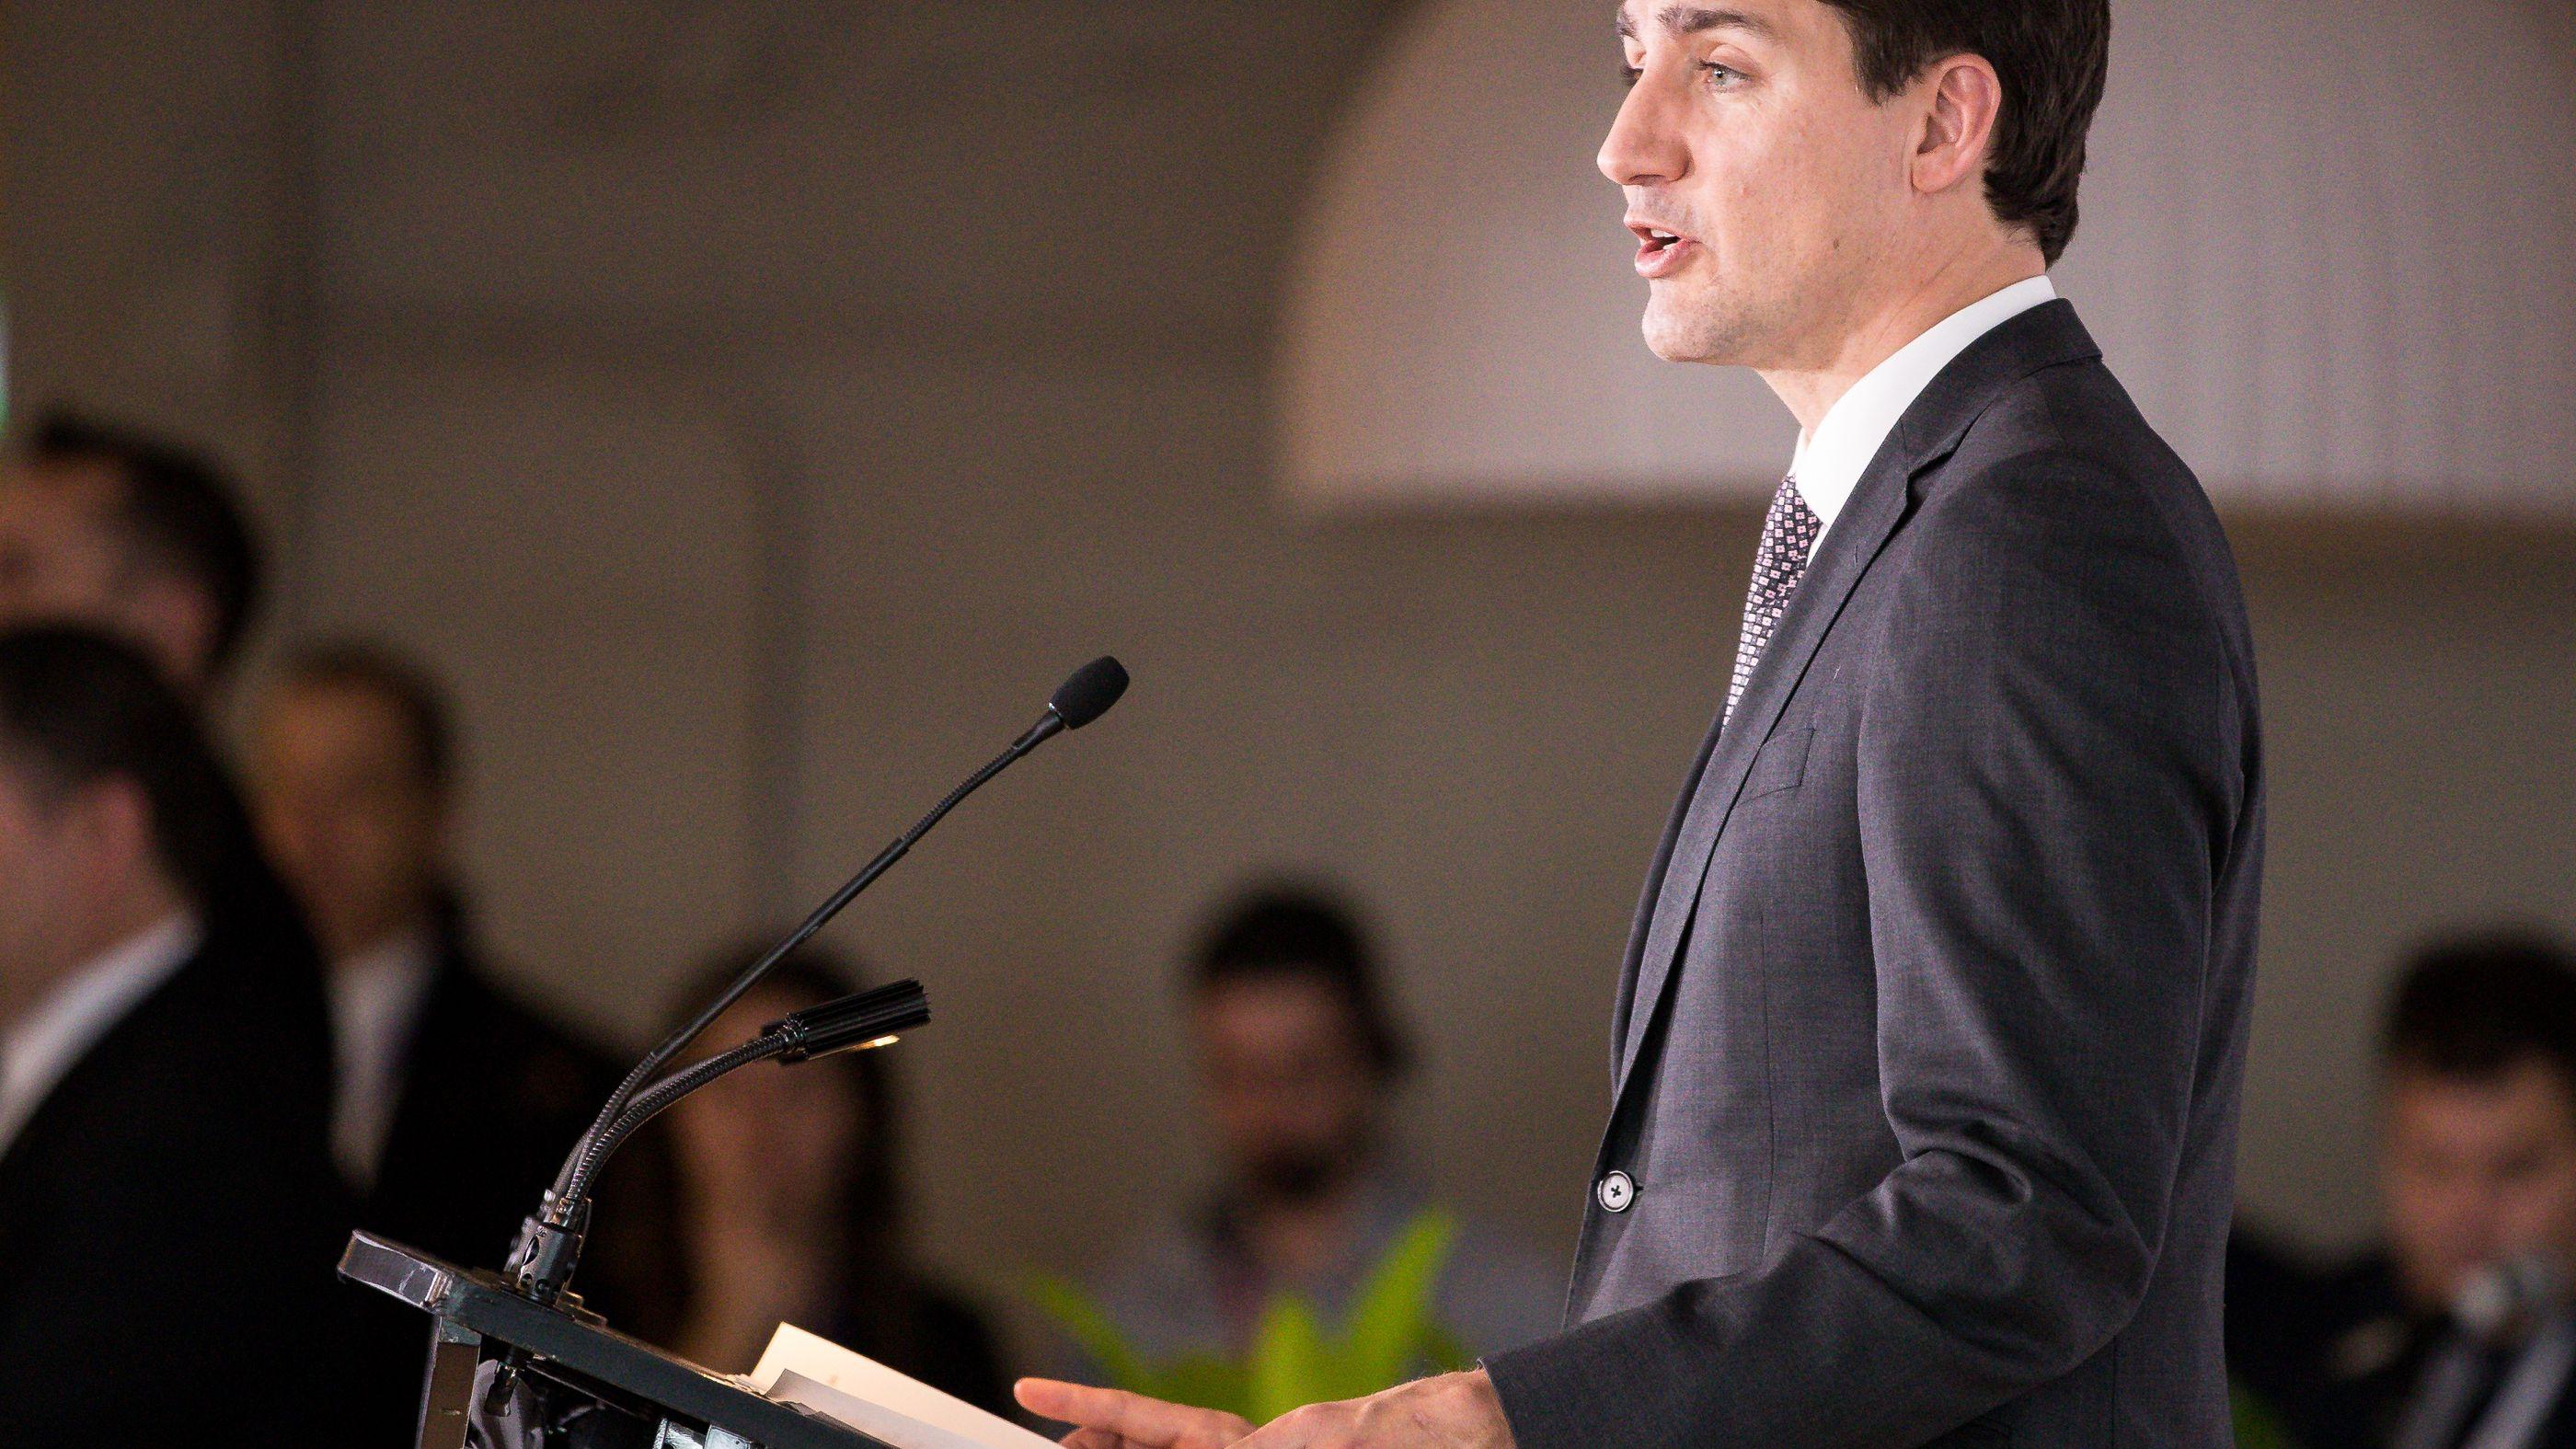 AIのルール作り主導、カナダとフランスが政府間パネルを発表